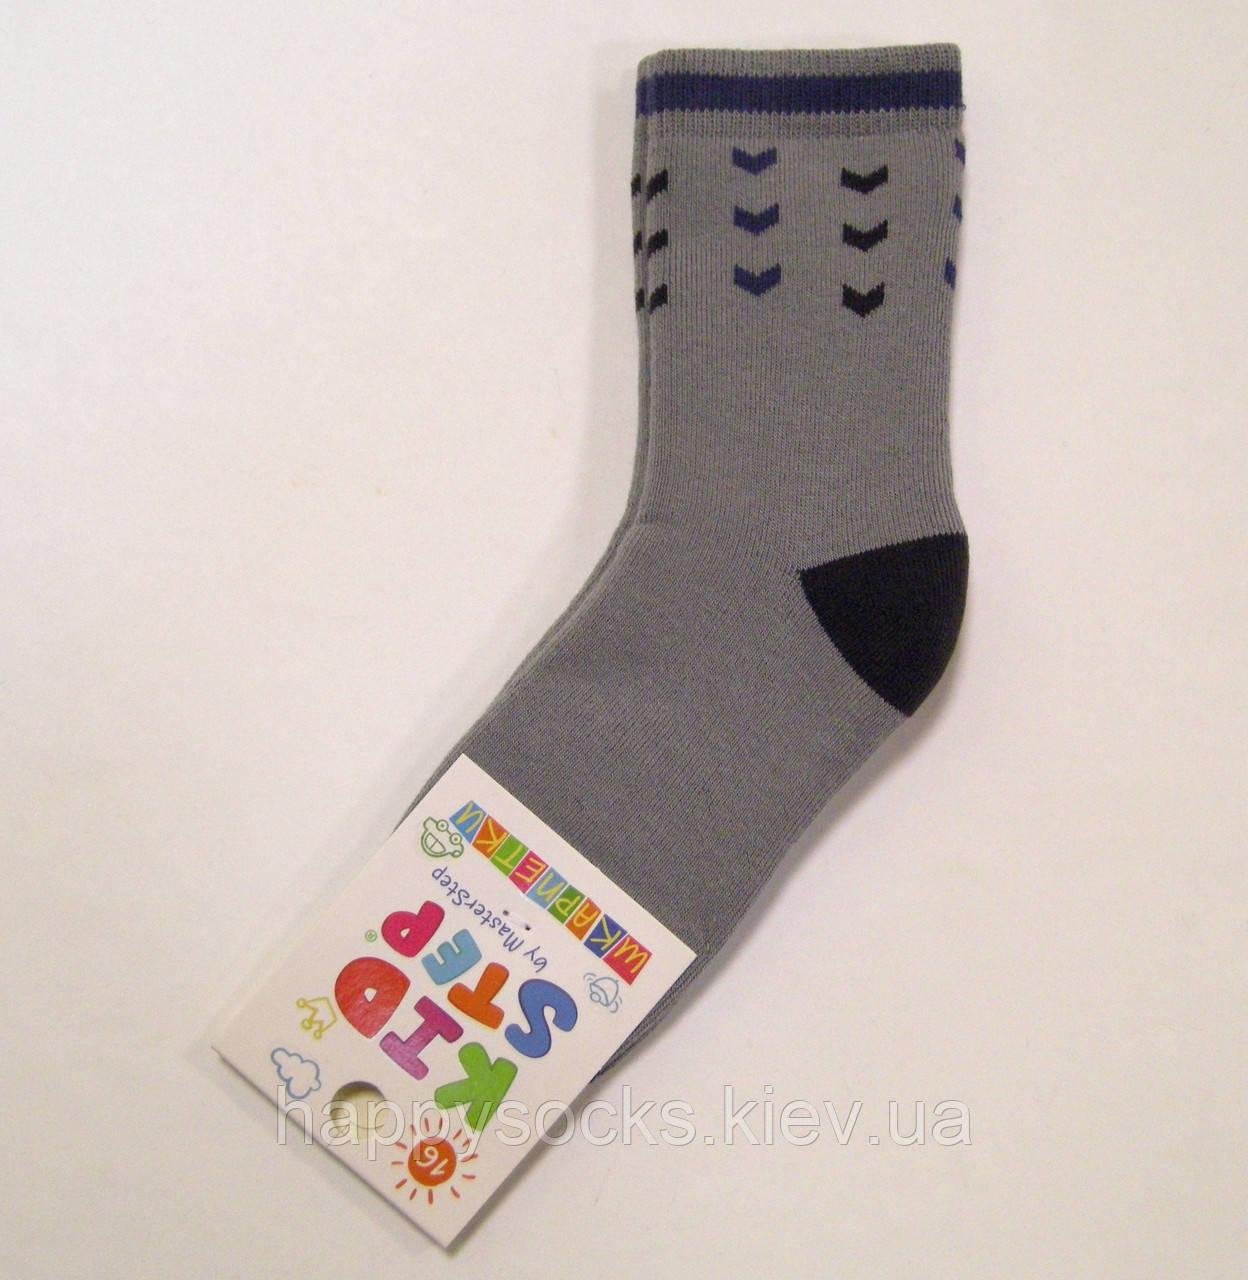 Теплі хлопчачі махрові бавовняні шкарпетки 16см(24-26р)